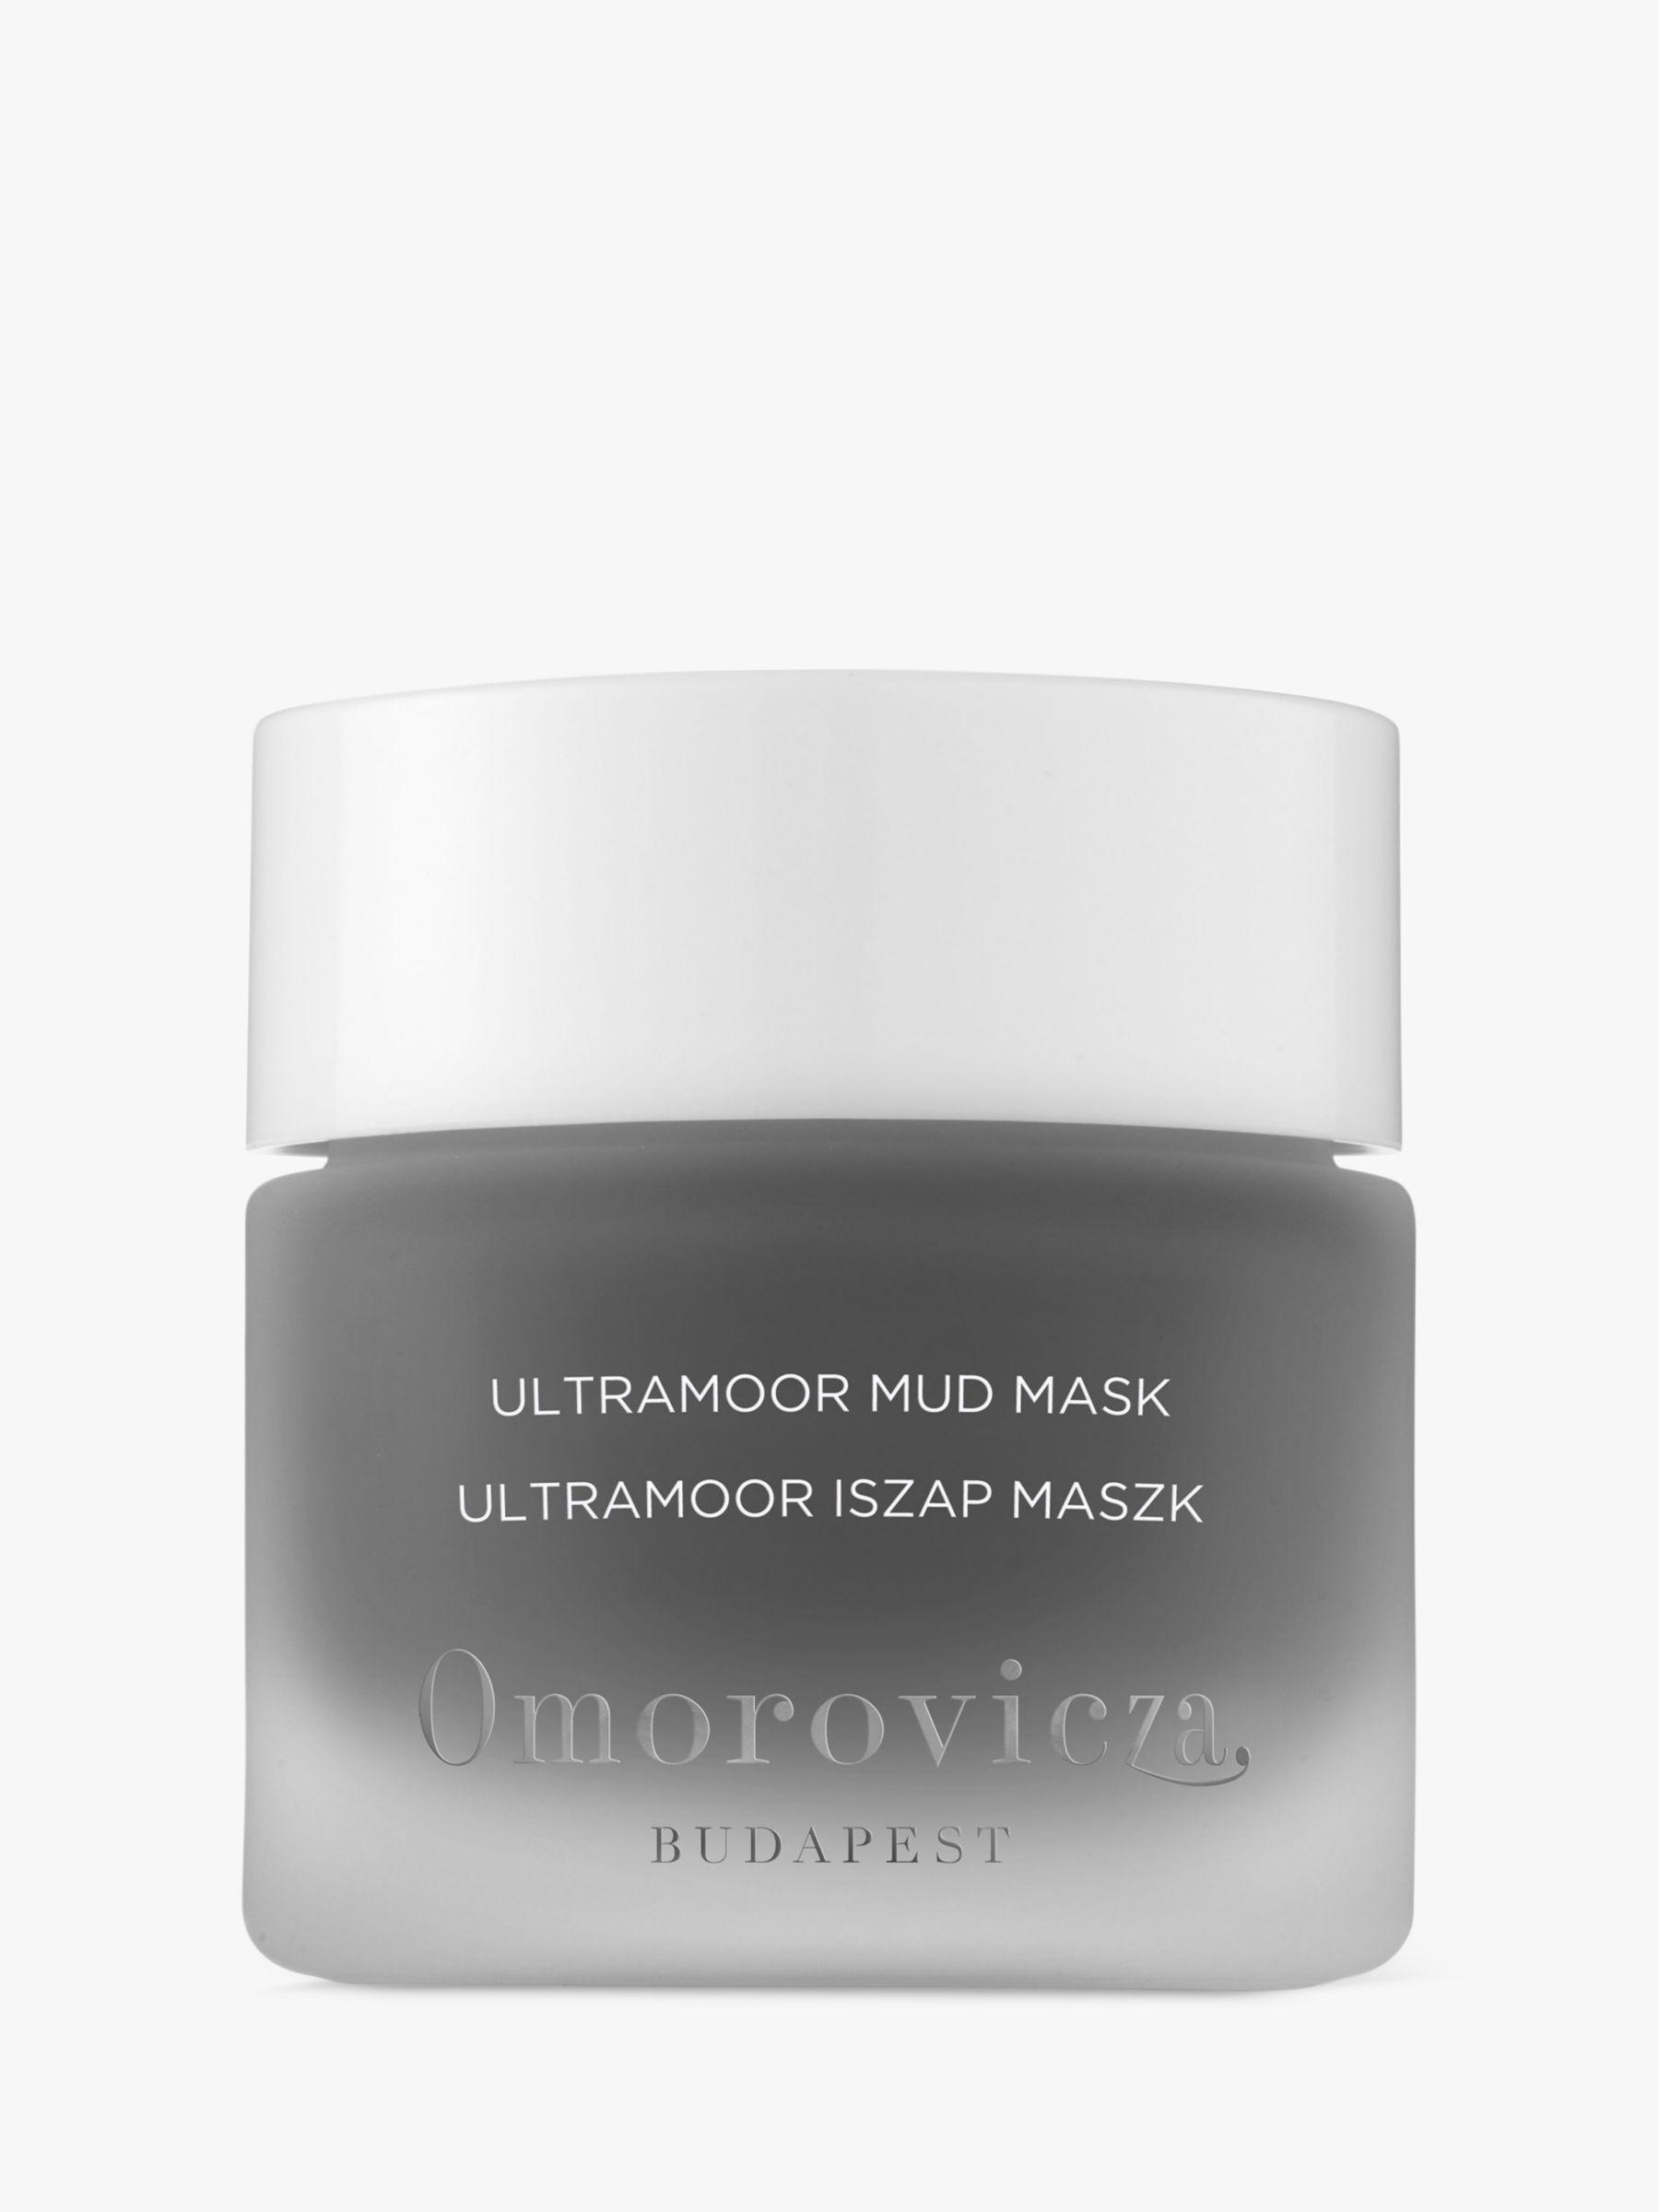 Omorovicza Omorovicza Ultramoor Mud Mask, 50ml